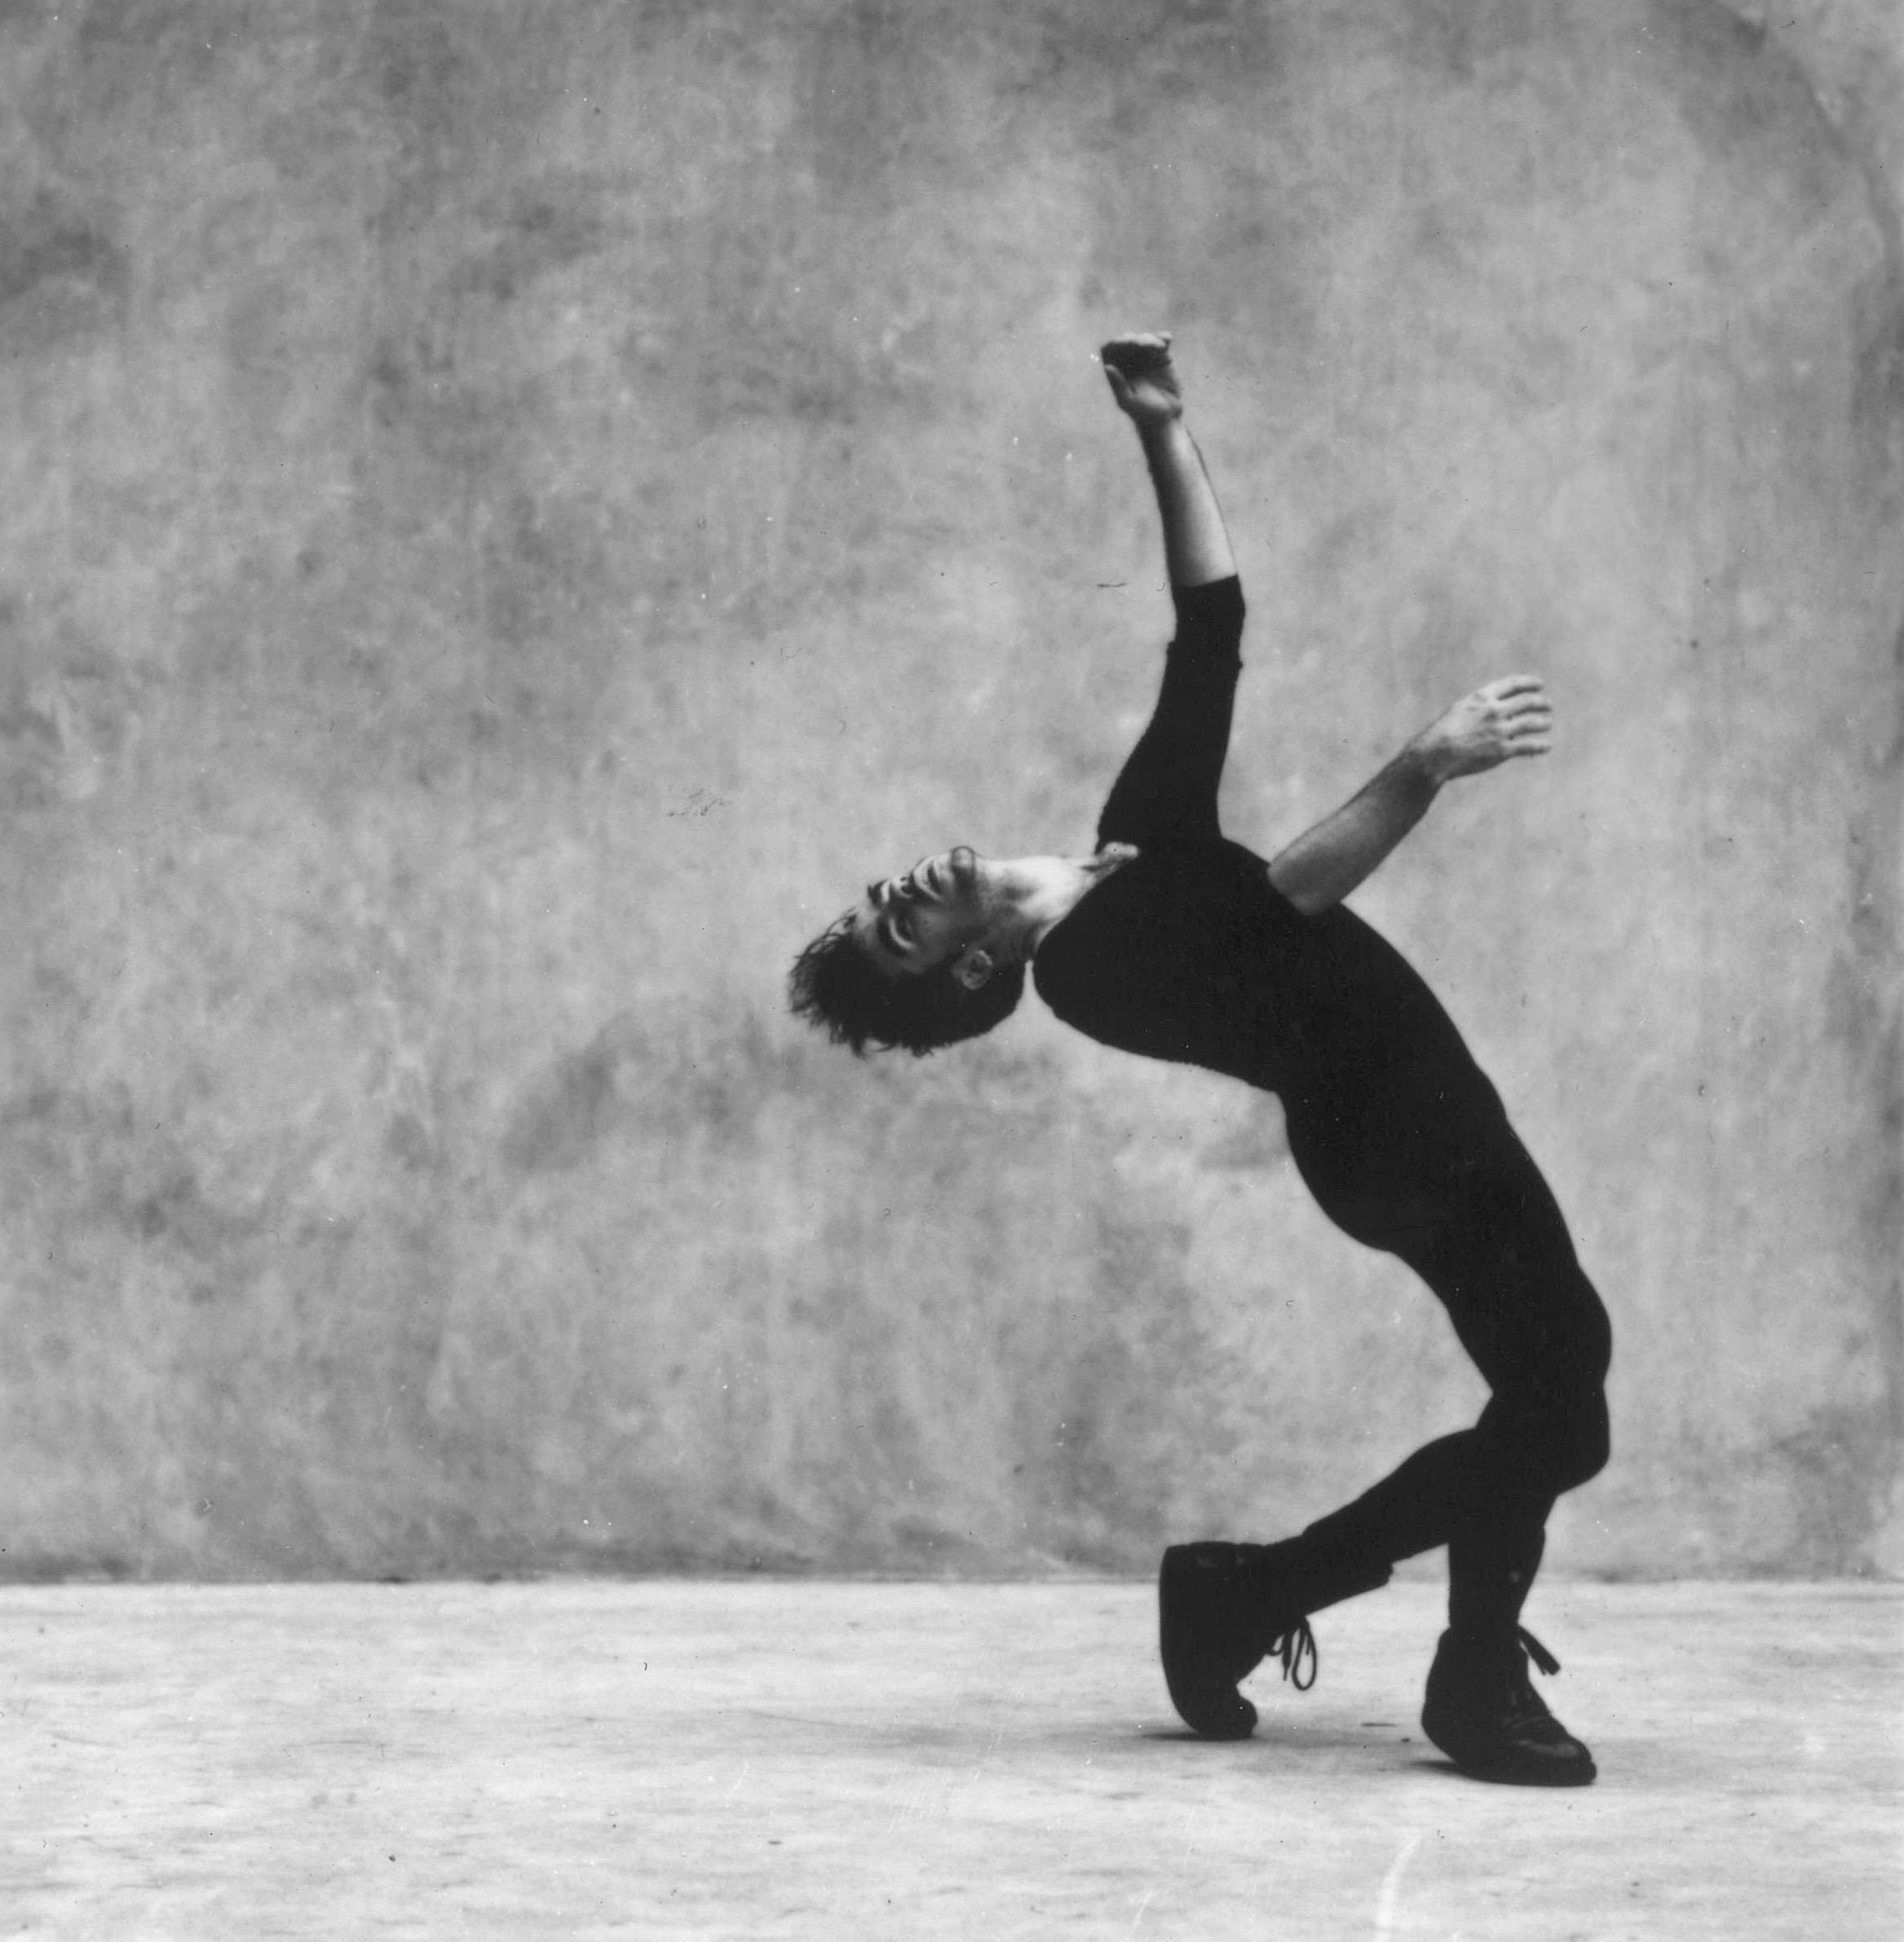 Sean Curran photo by Luca Vignelli